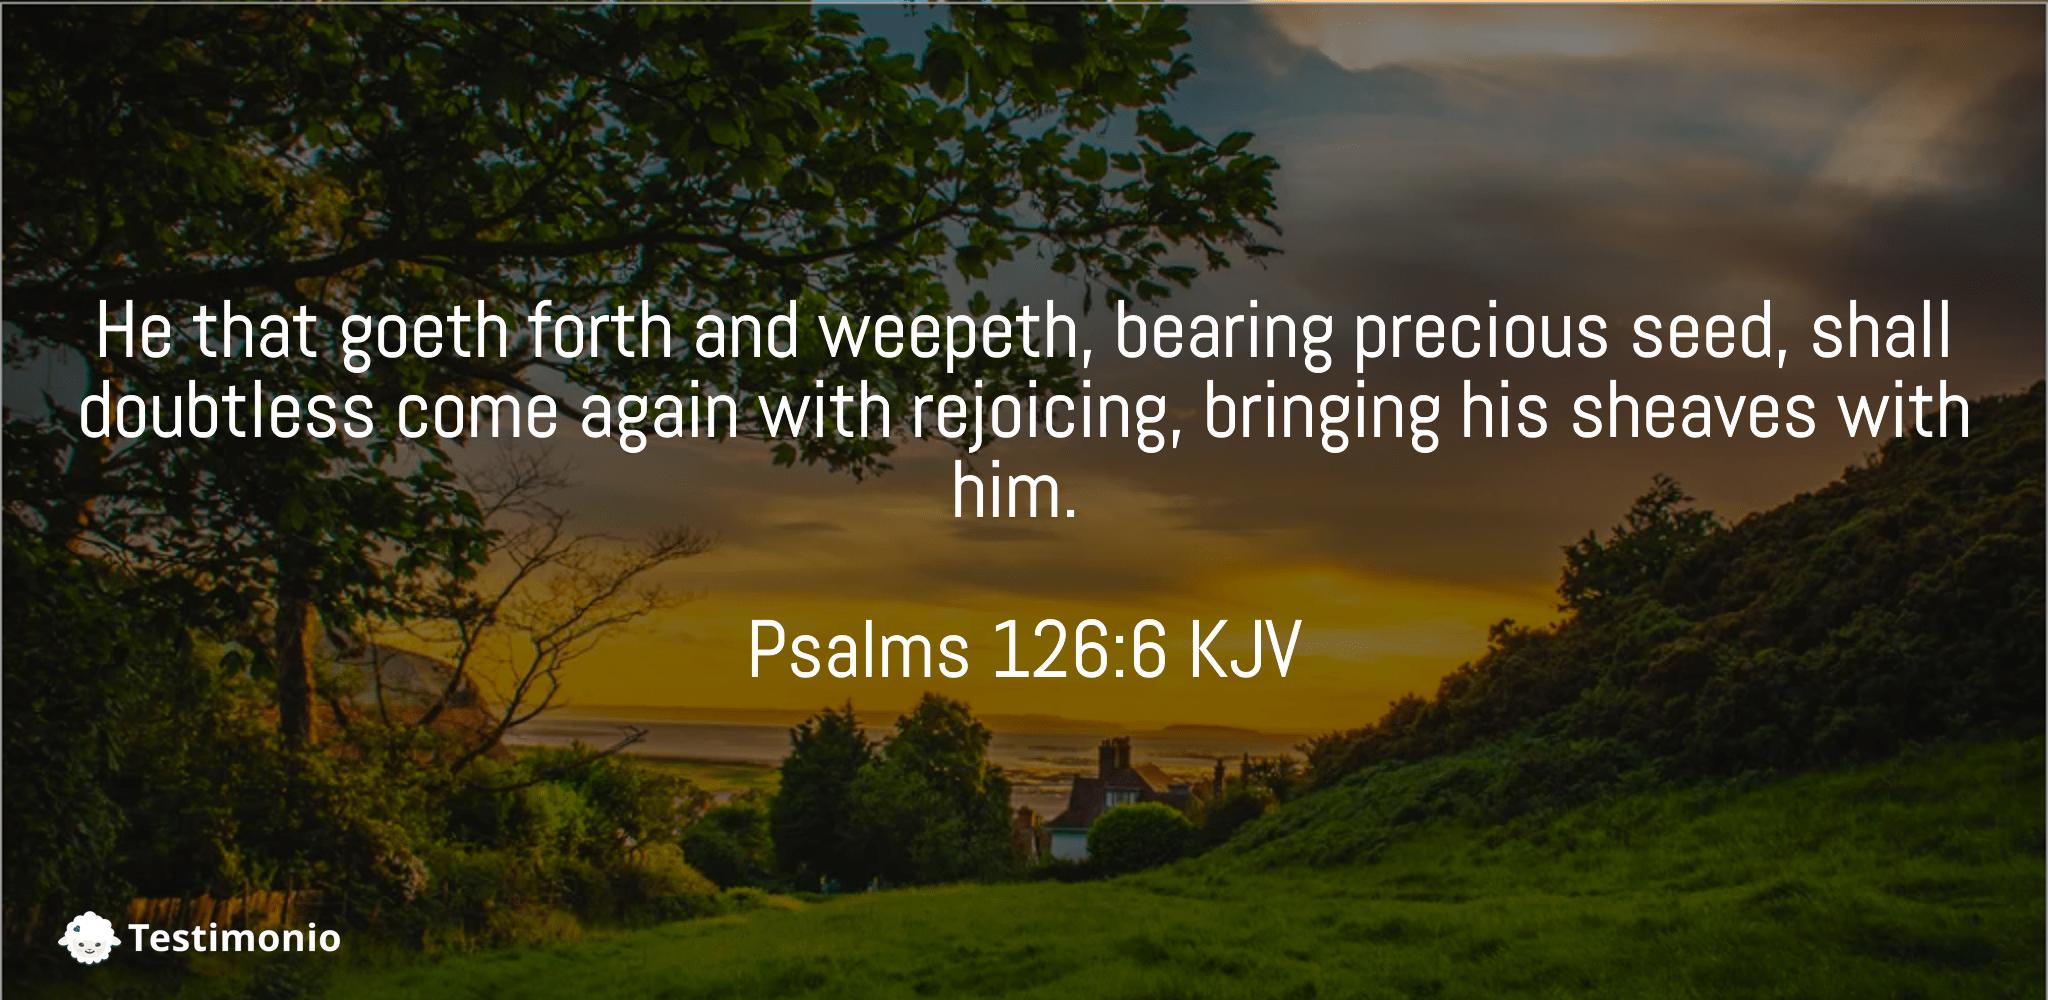 Psalms 126:6